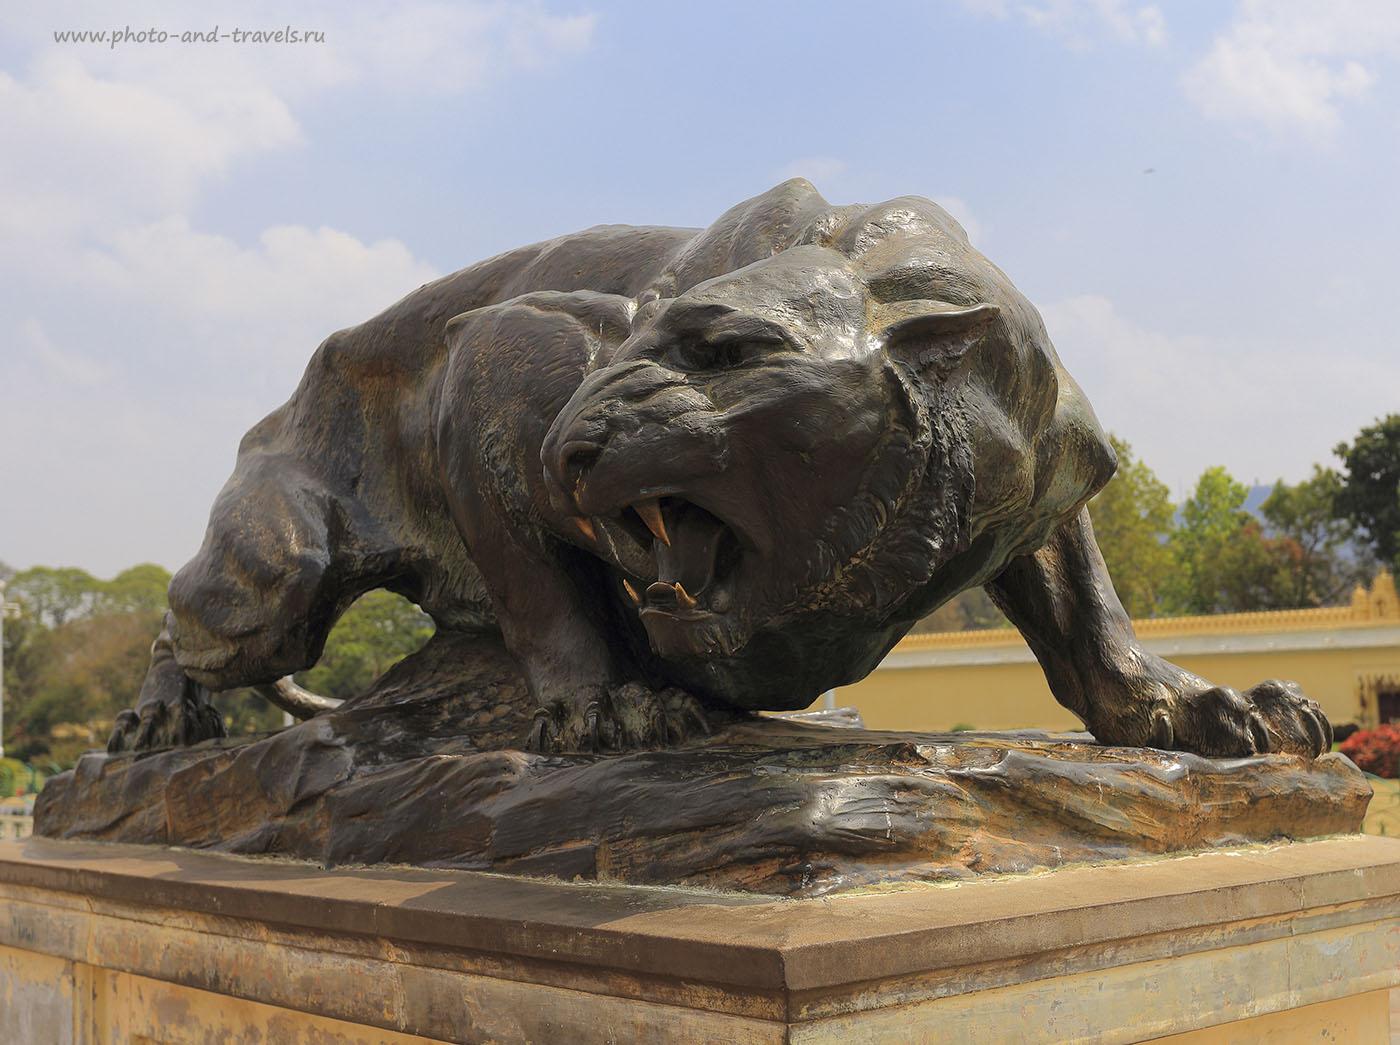 Фотография 12. Статуя льва в саду дворца Амба Вилас. Путешествие в индийский город Майсур в штате Карнатака. Отзывы туристов о поездке в Индию. 1/125, -1, 7.1, 100, 40